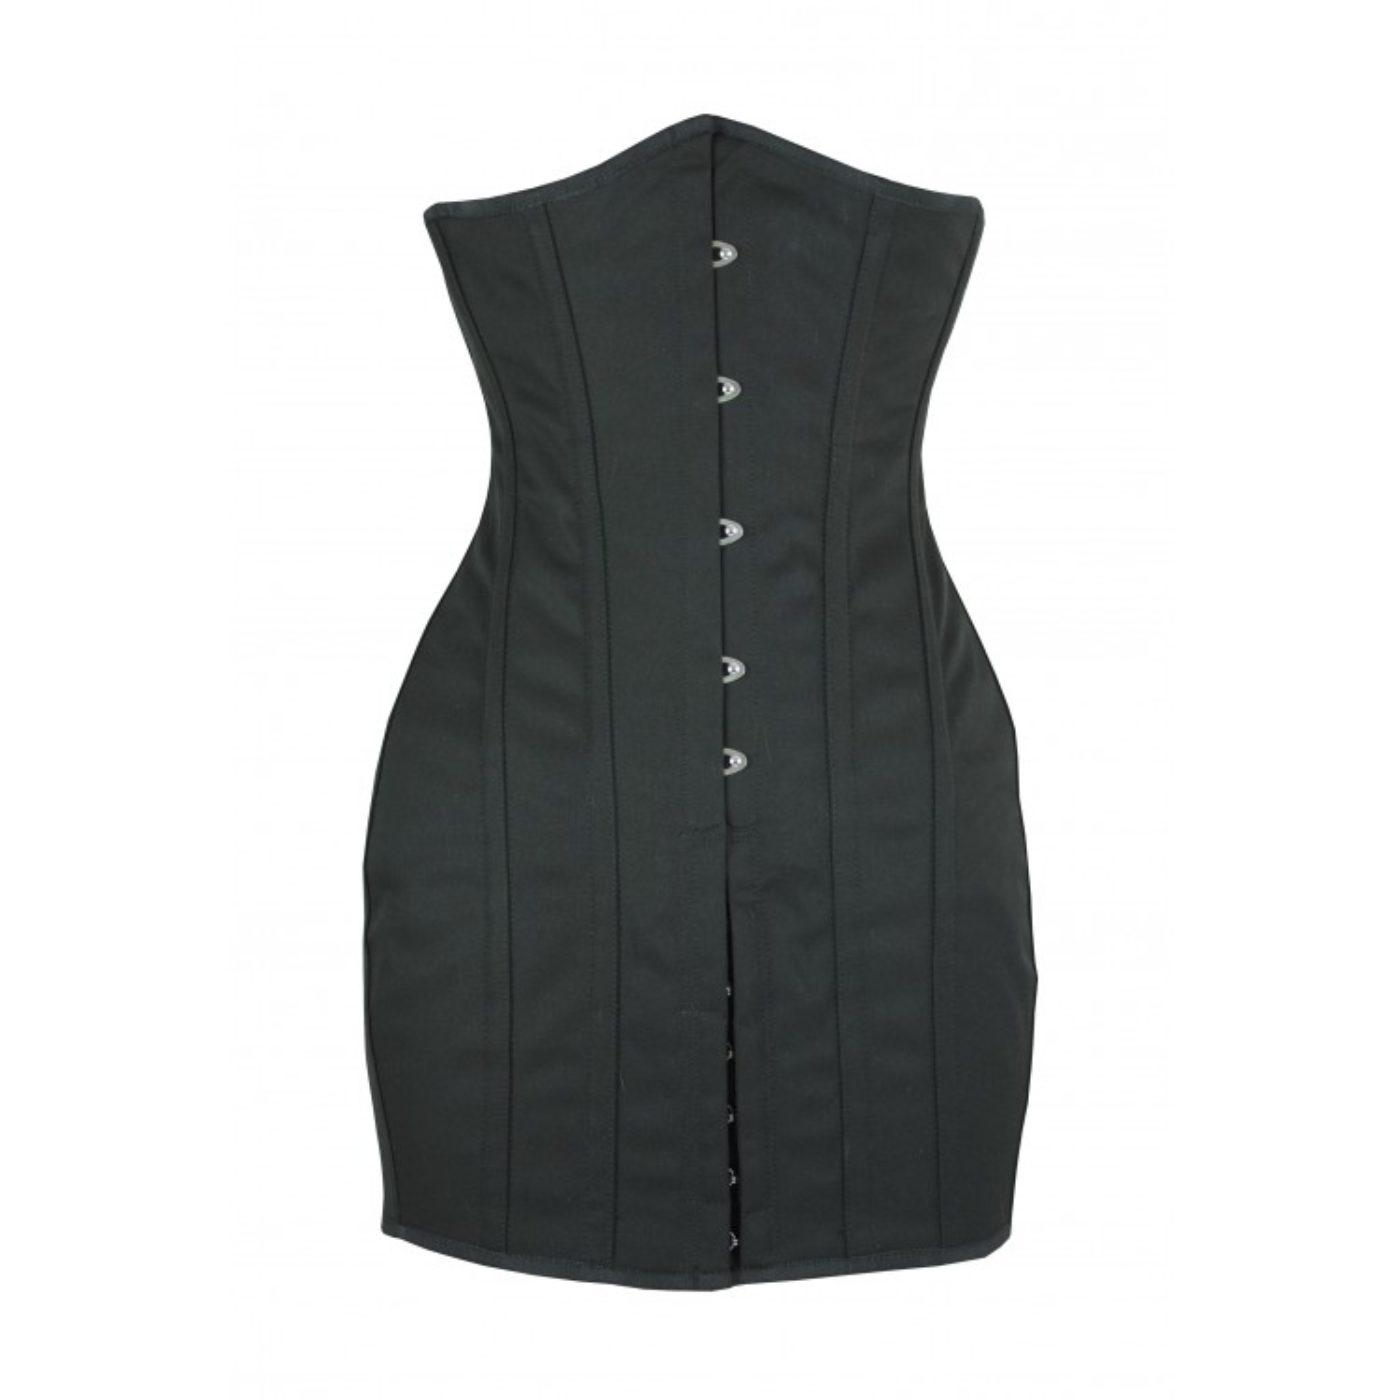 Underbust Corset Dress